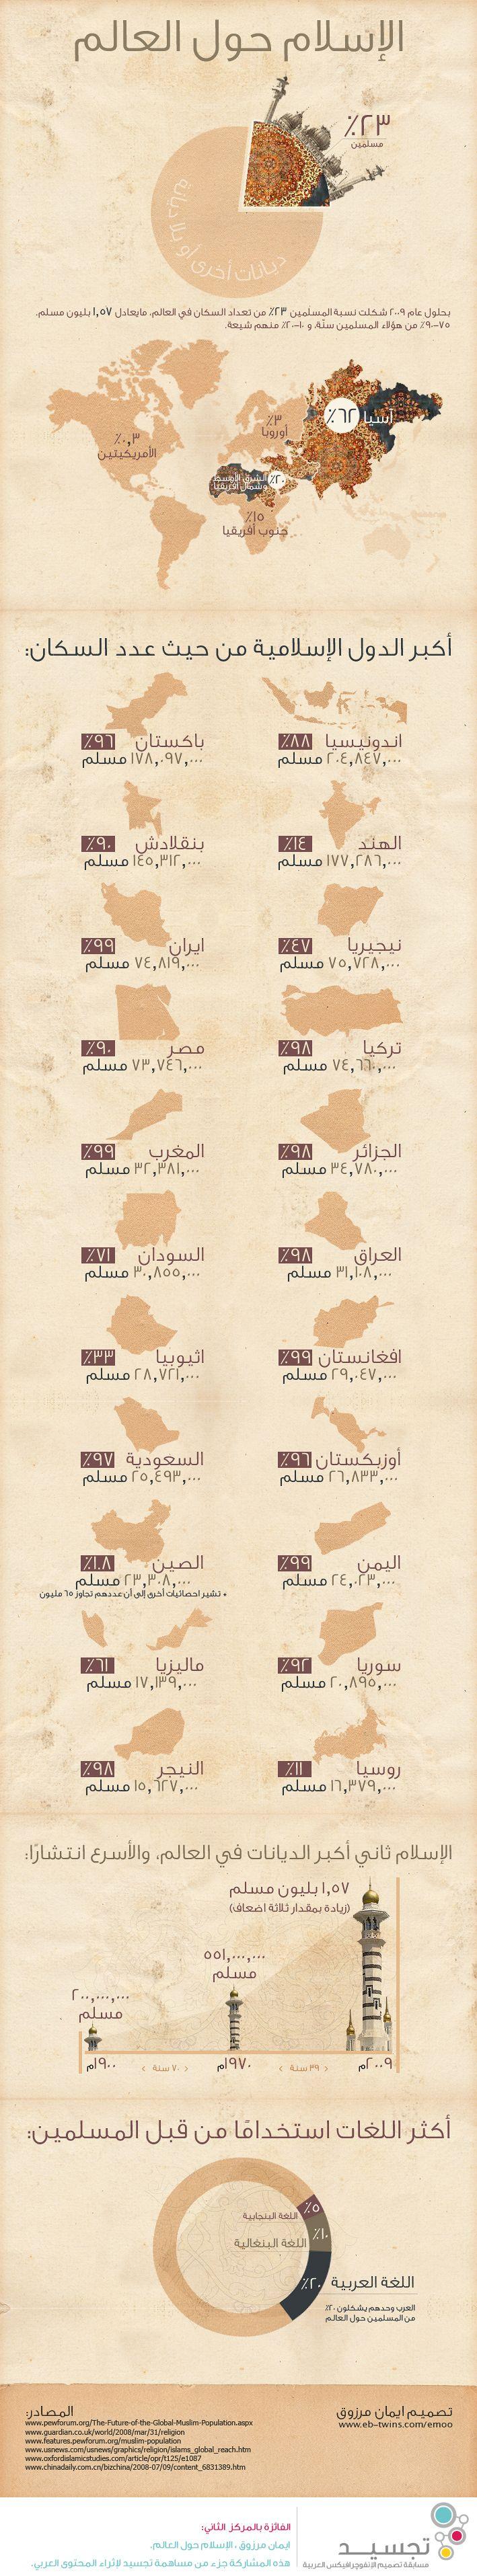 الإسلام حول العالم - Islam around the world